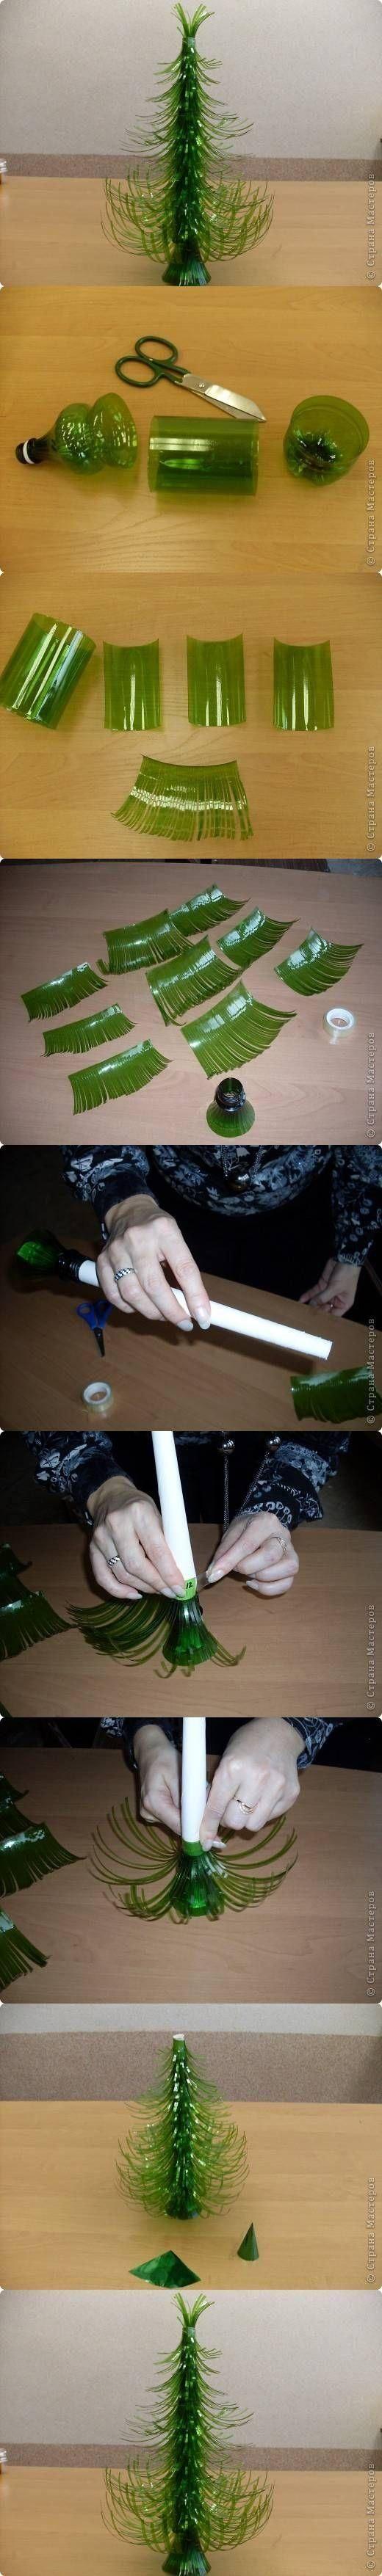 Como hacer árbol de navidad con botellas de plástico de sprite